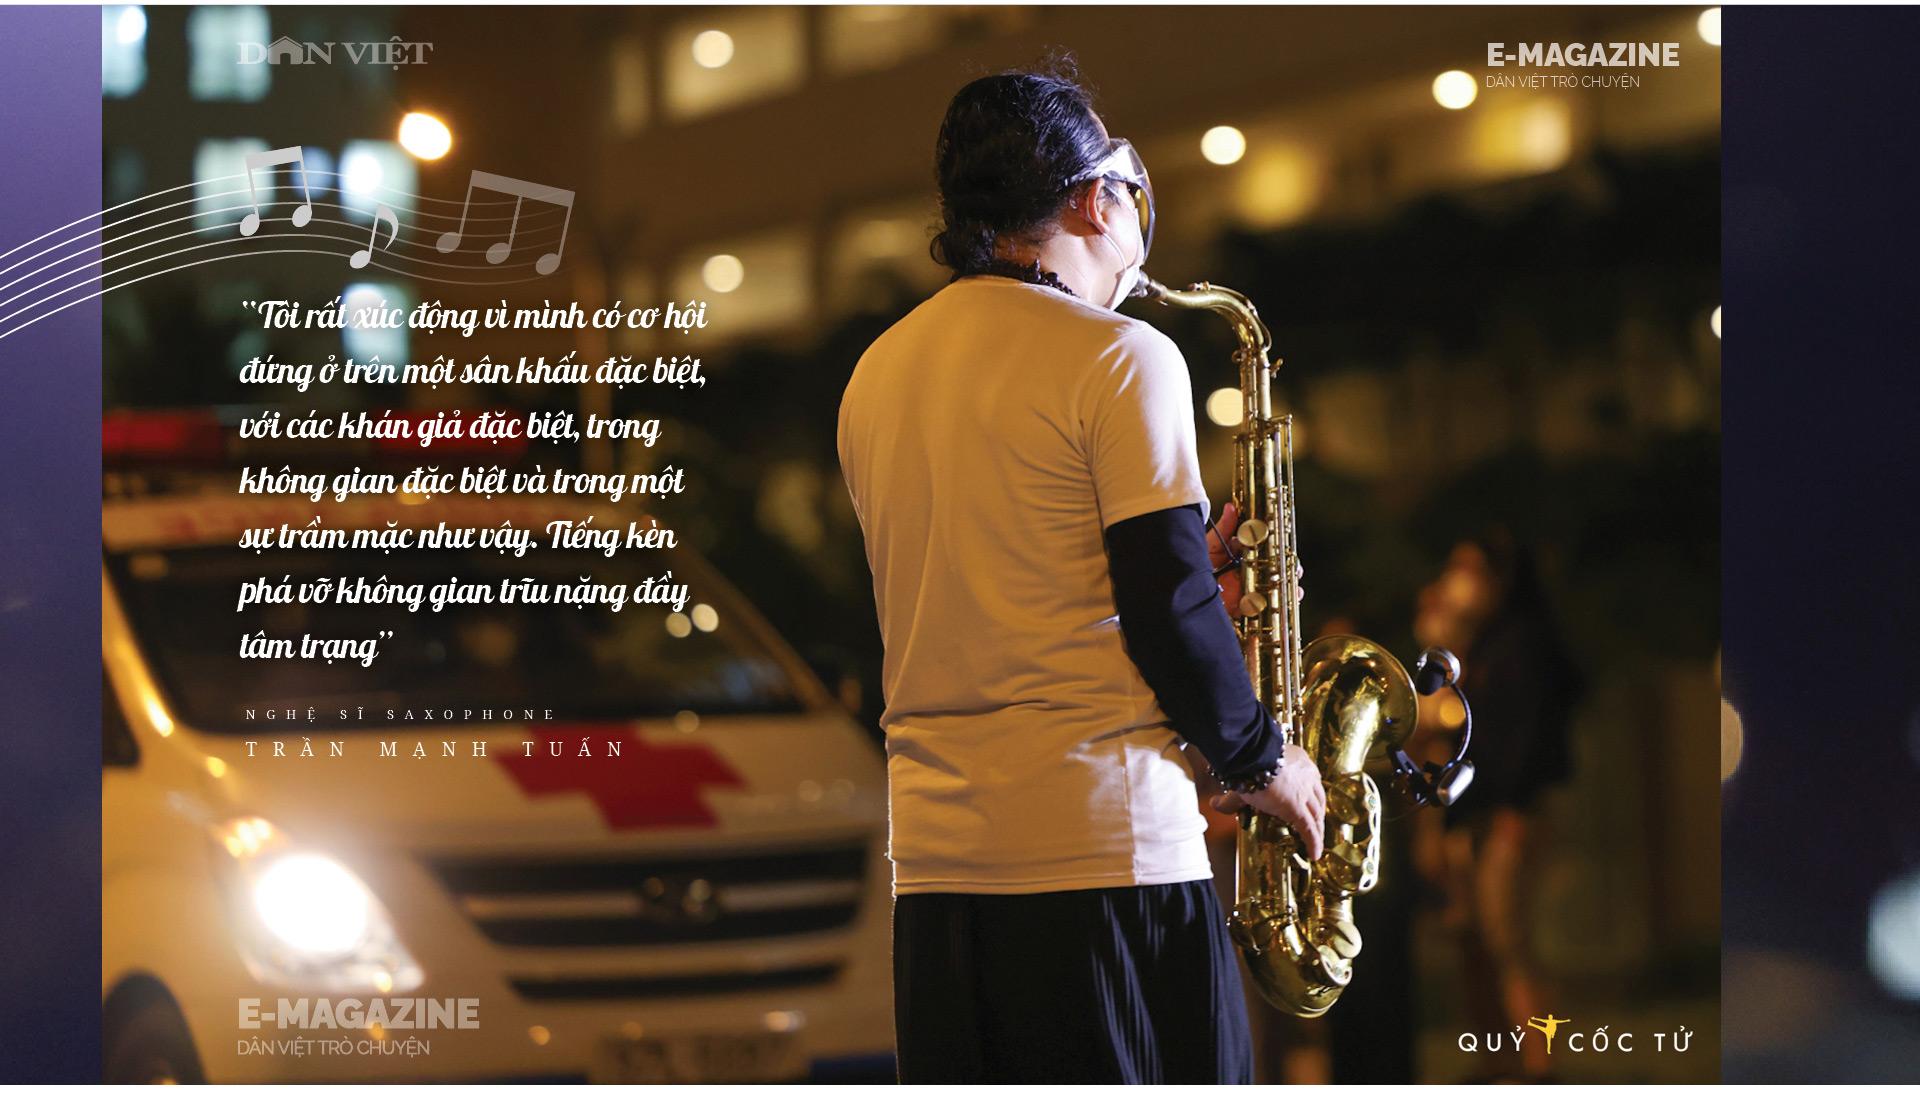 """Nghệ sĩ saxophone Trần Mạnh Tuấn: """"Diễn giữa không gian bệnh viện dã chiến là điều đặc biệt nhất trong đời"""" - Ảnh 4."""